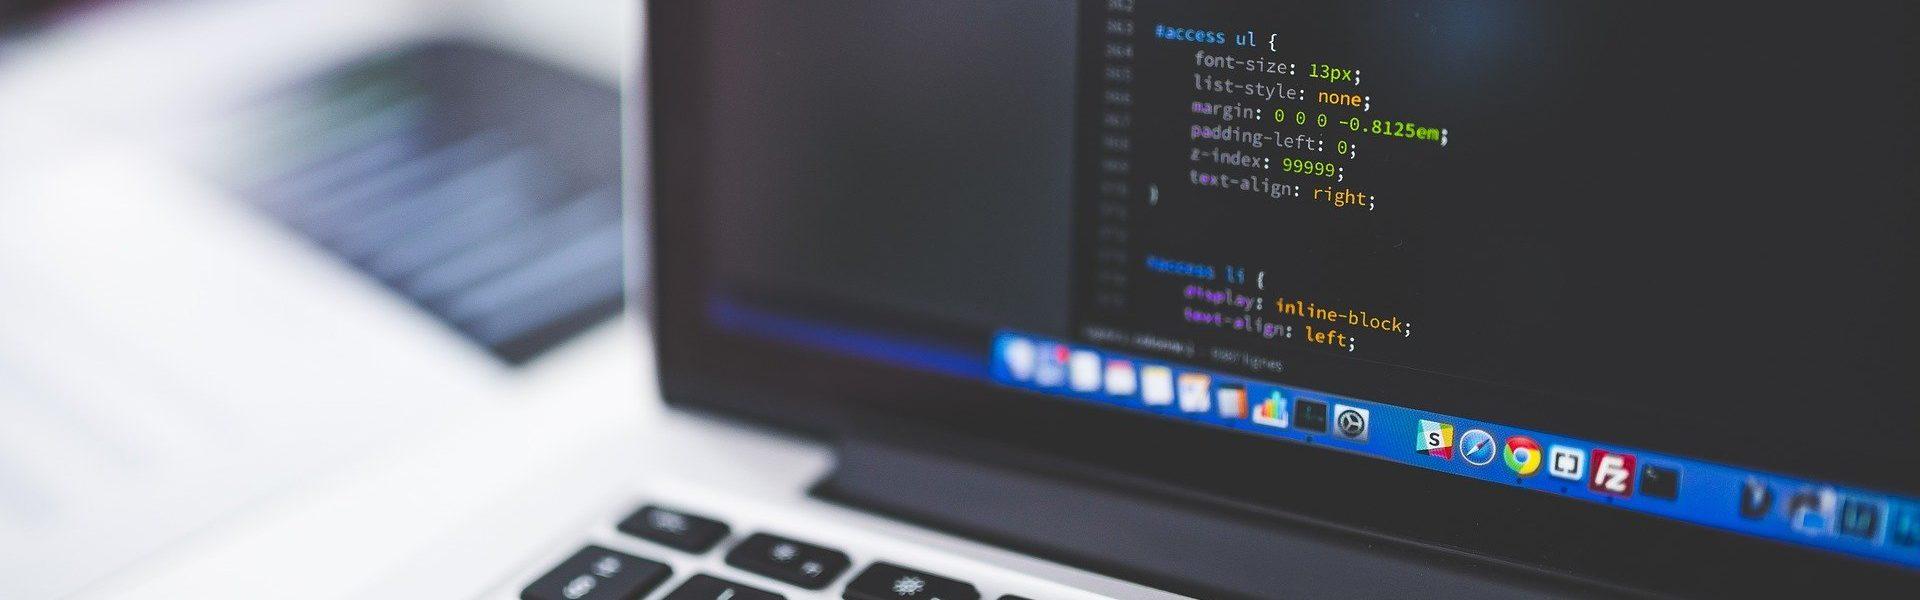 ordenador códigos